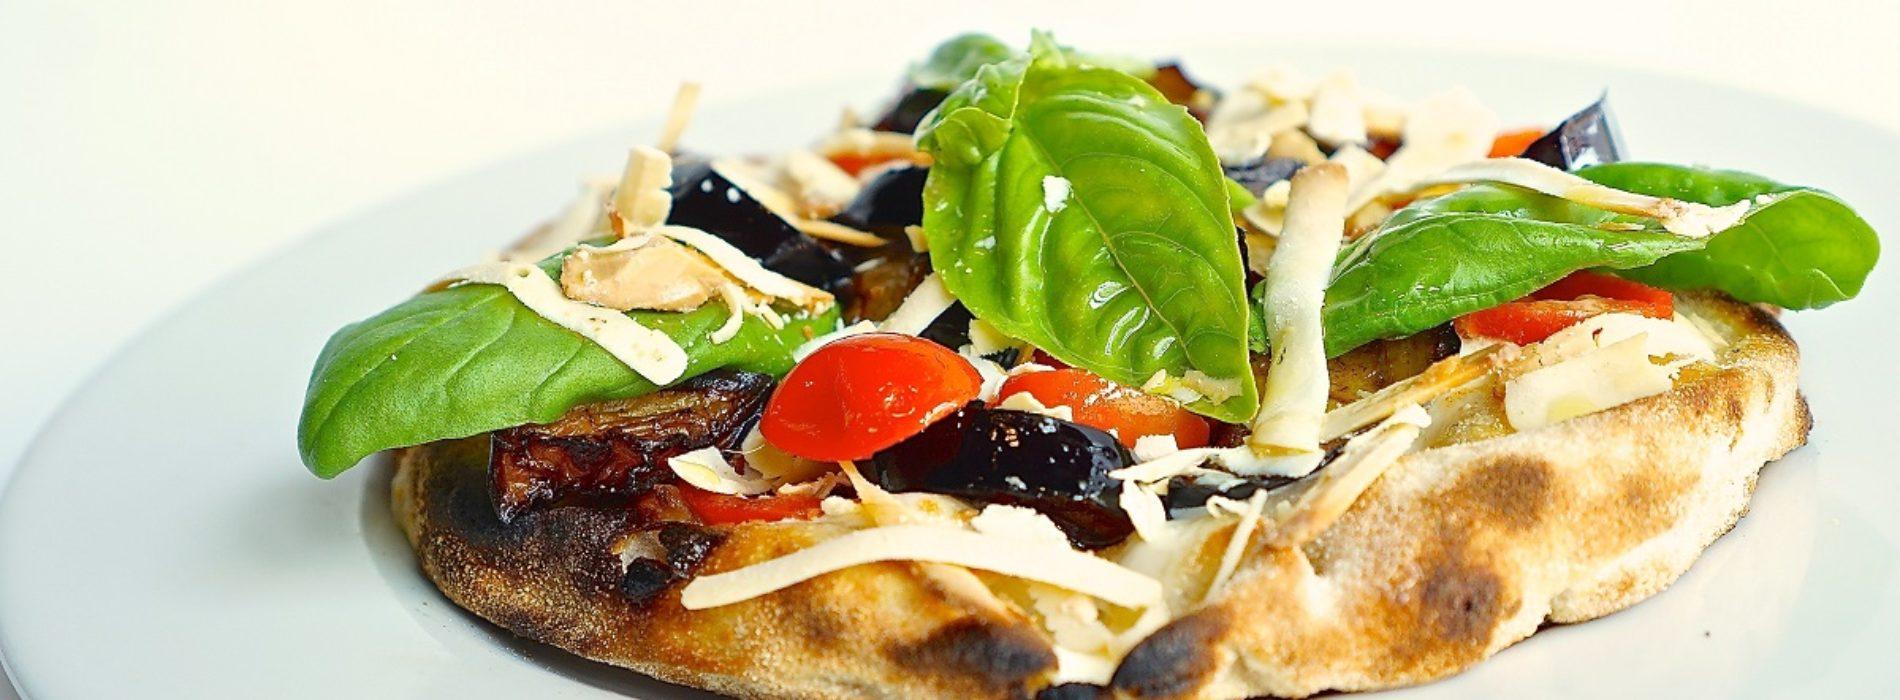 Celestina alla Camilluccia Roma, pizza e cucina come una volta a prezzi popolari